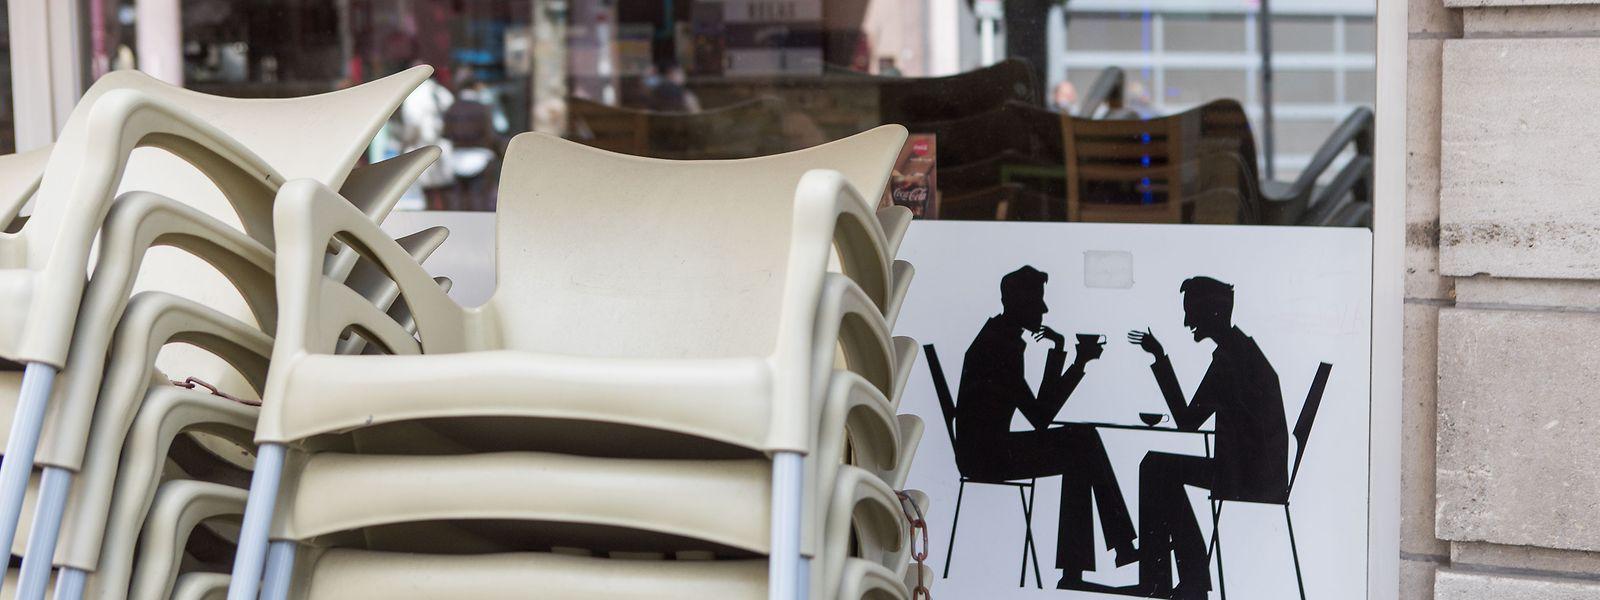 Bars et restaurants resteront fermés jusqu'au 15 janvier, et les commerces non essentiels jusqu'au 10.